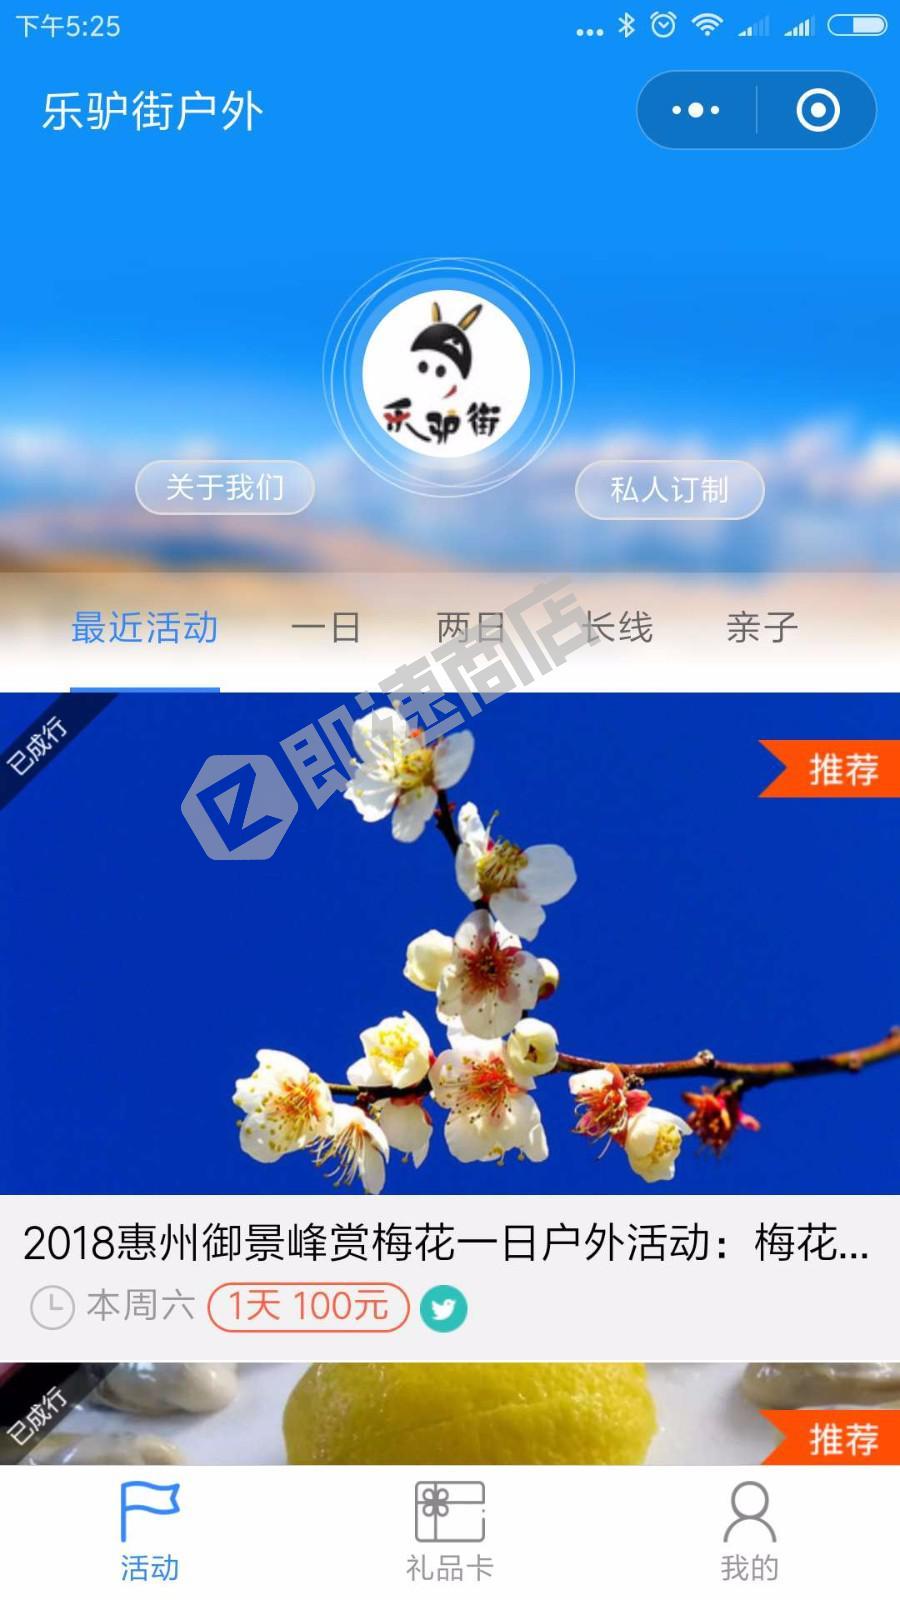 乐驴街深圳户外小程序详情页截图